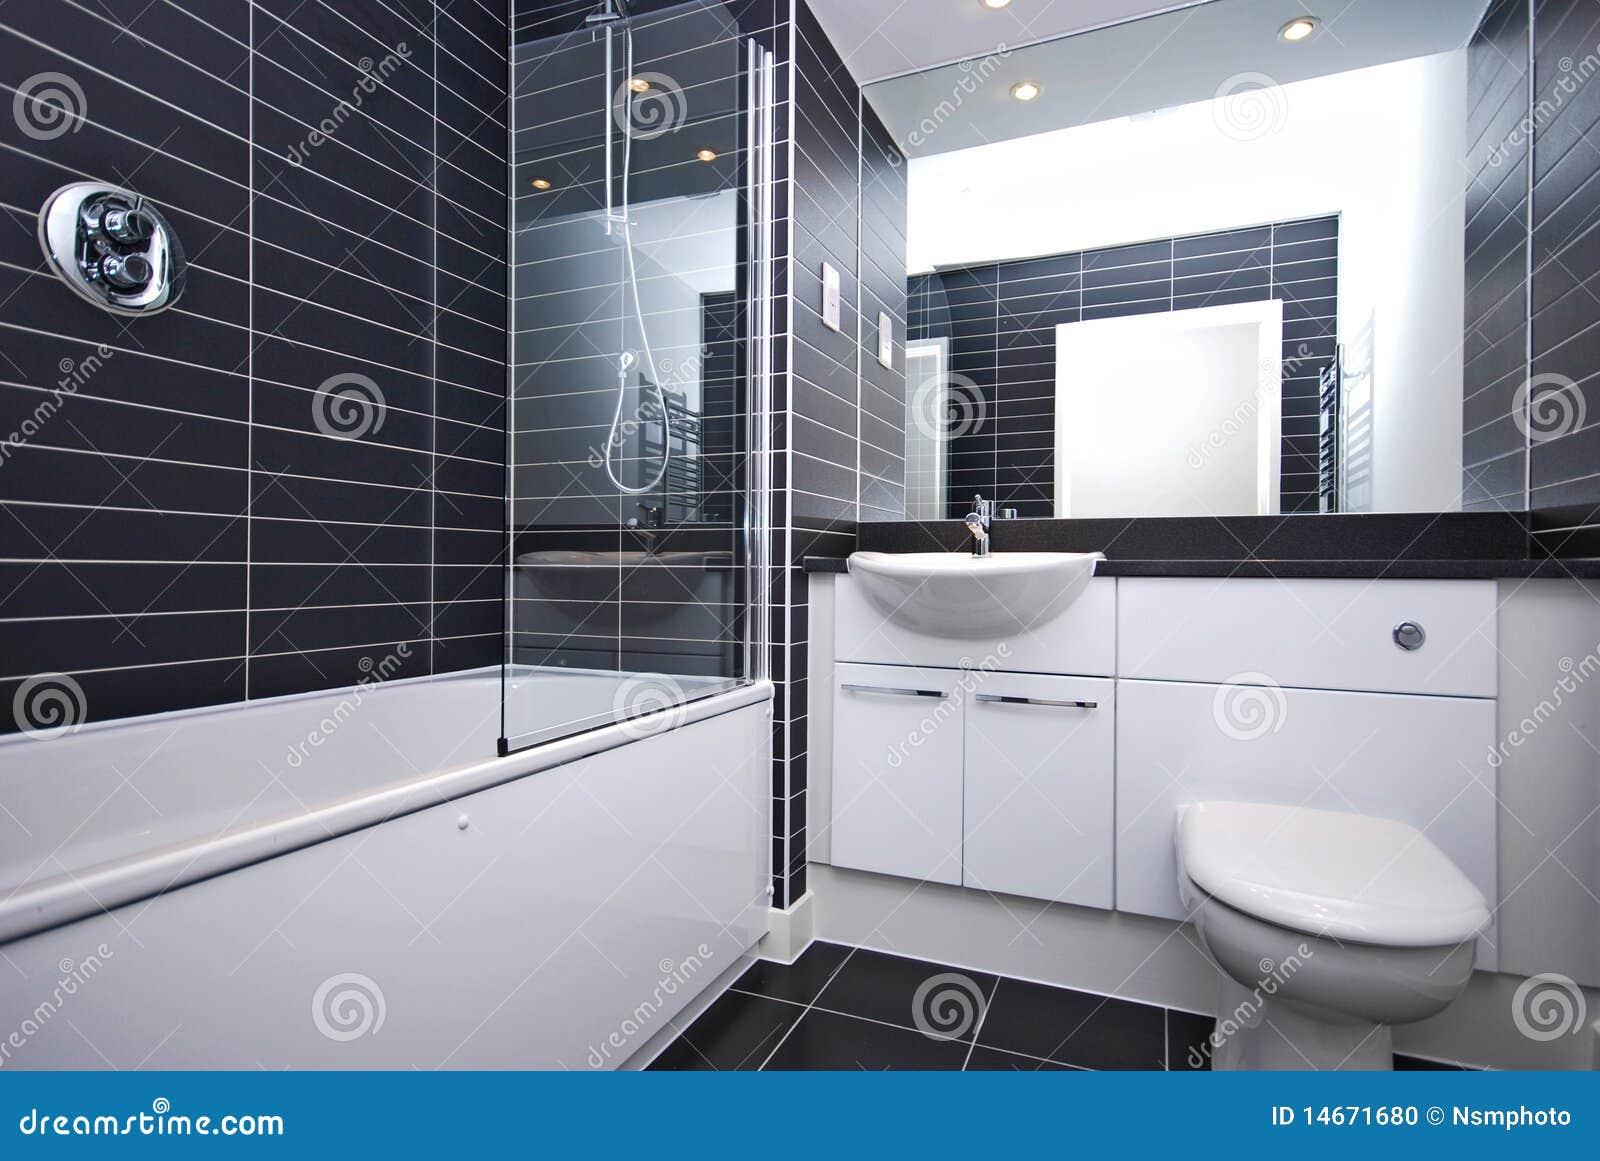 Nuevo cuarto de ba o moderno en blanco y negro for Banos blancos y negro